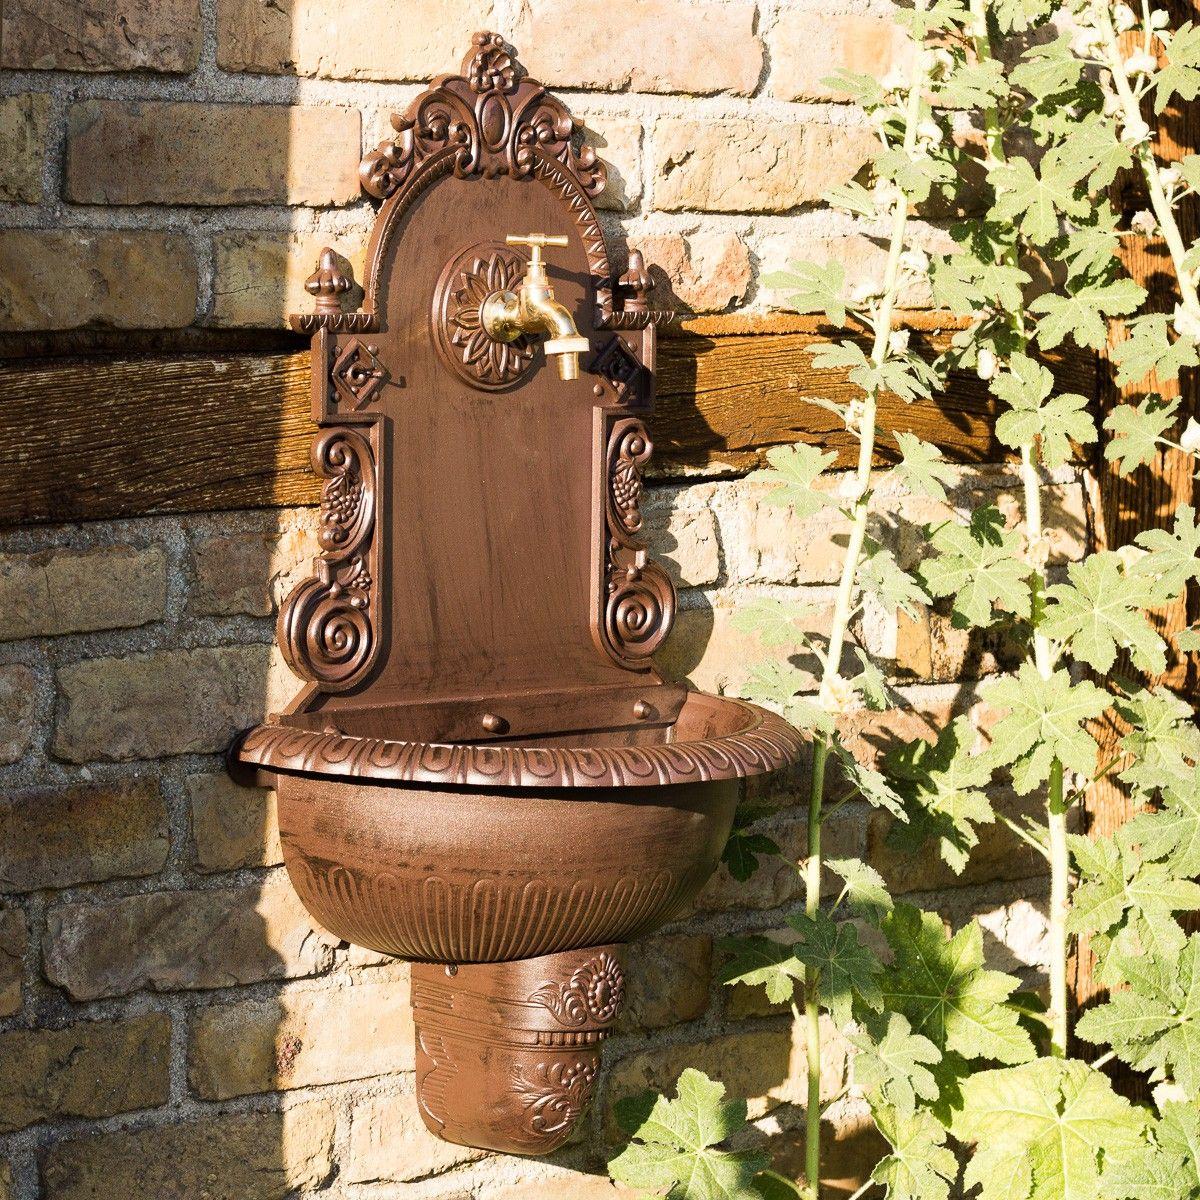 Gartenbrunnen Handwaschbecken Mit Schlauch Anschluss Waschbecken Garten H 75cm Waschbecken Garten Gartenbrunnen Garten